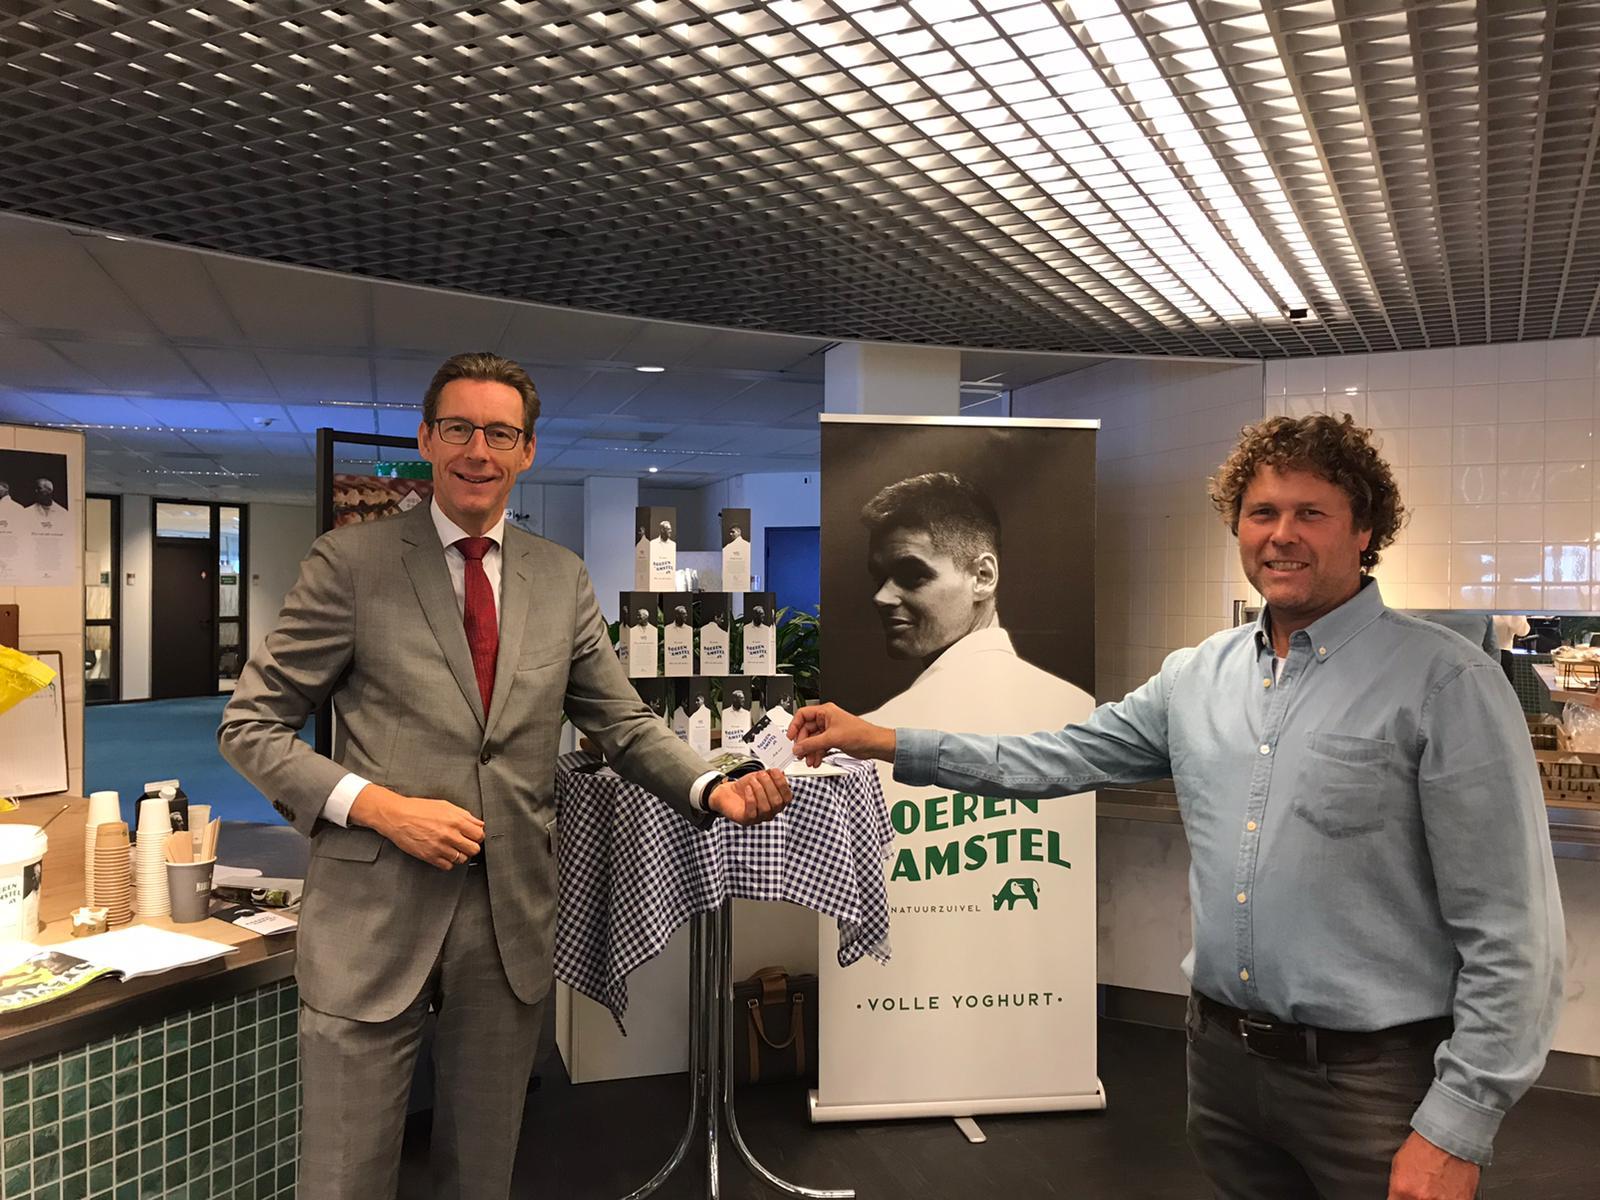 https://www.boerenvanamstel.nl/wp-content/uploads/2020/09/Boeren-van-Amstel-op-bezoek-bij-Tjapko-Poppens-burgemeester-van-Amstelveen.jpeg